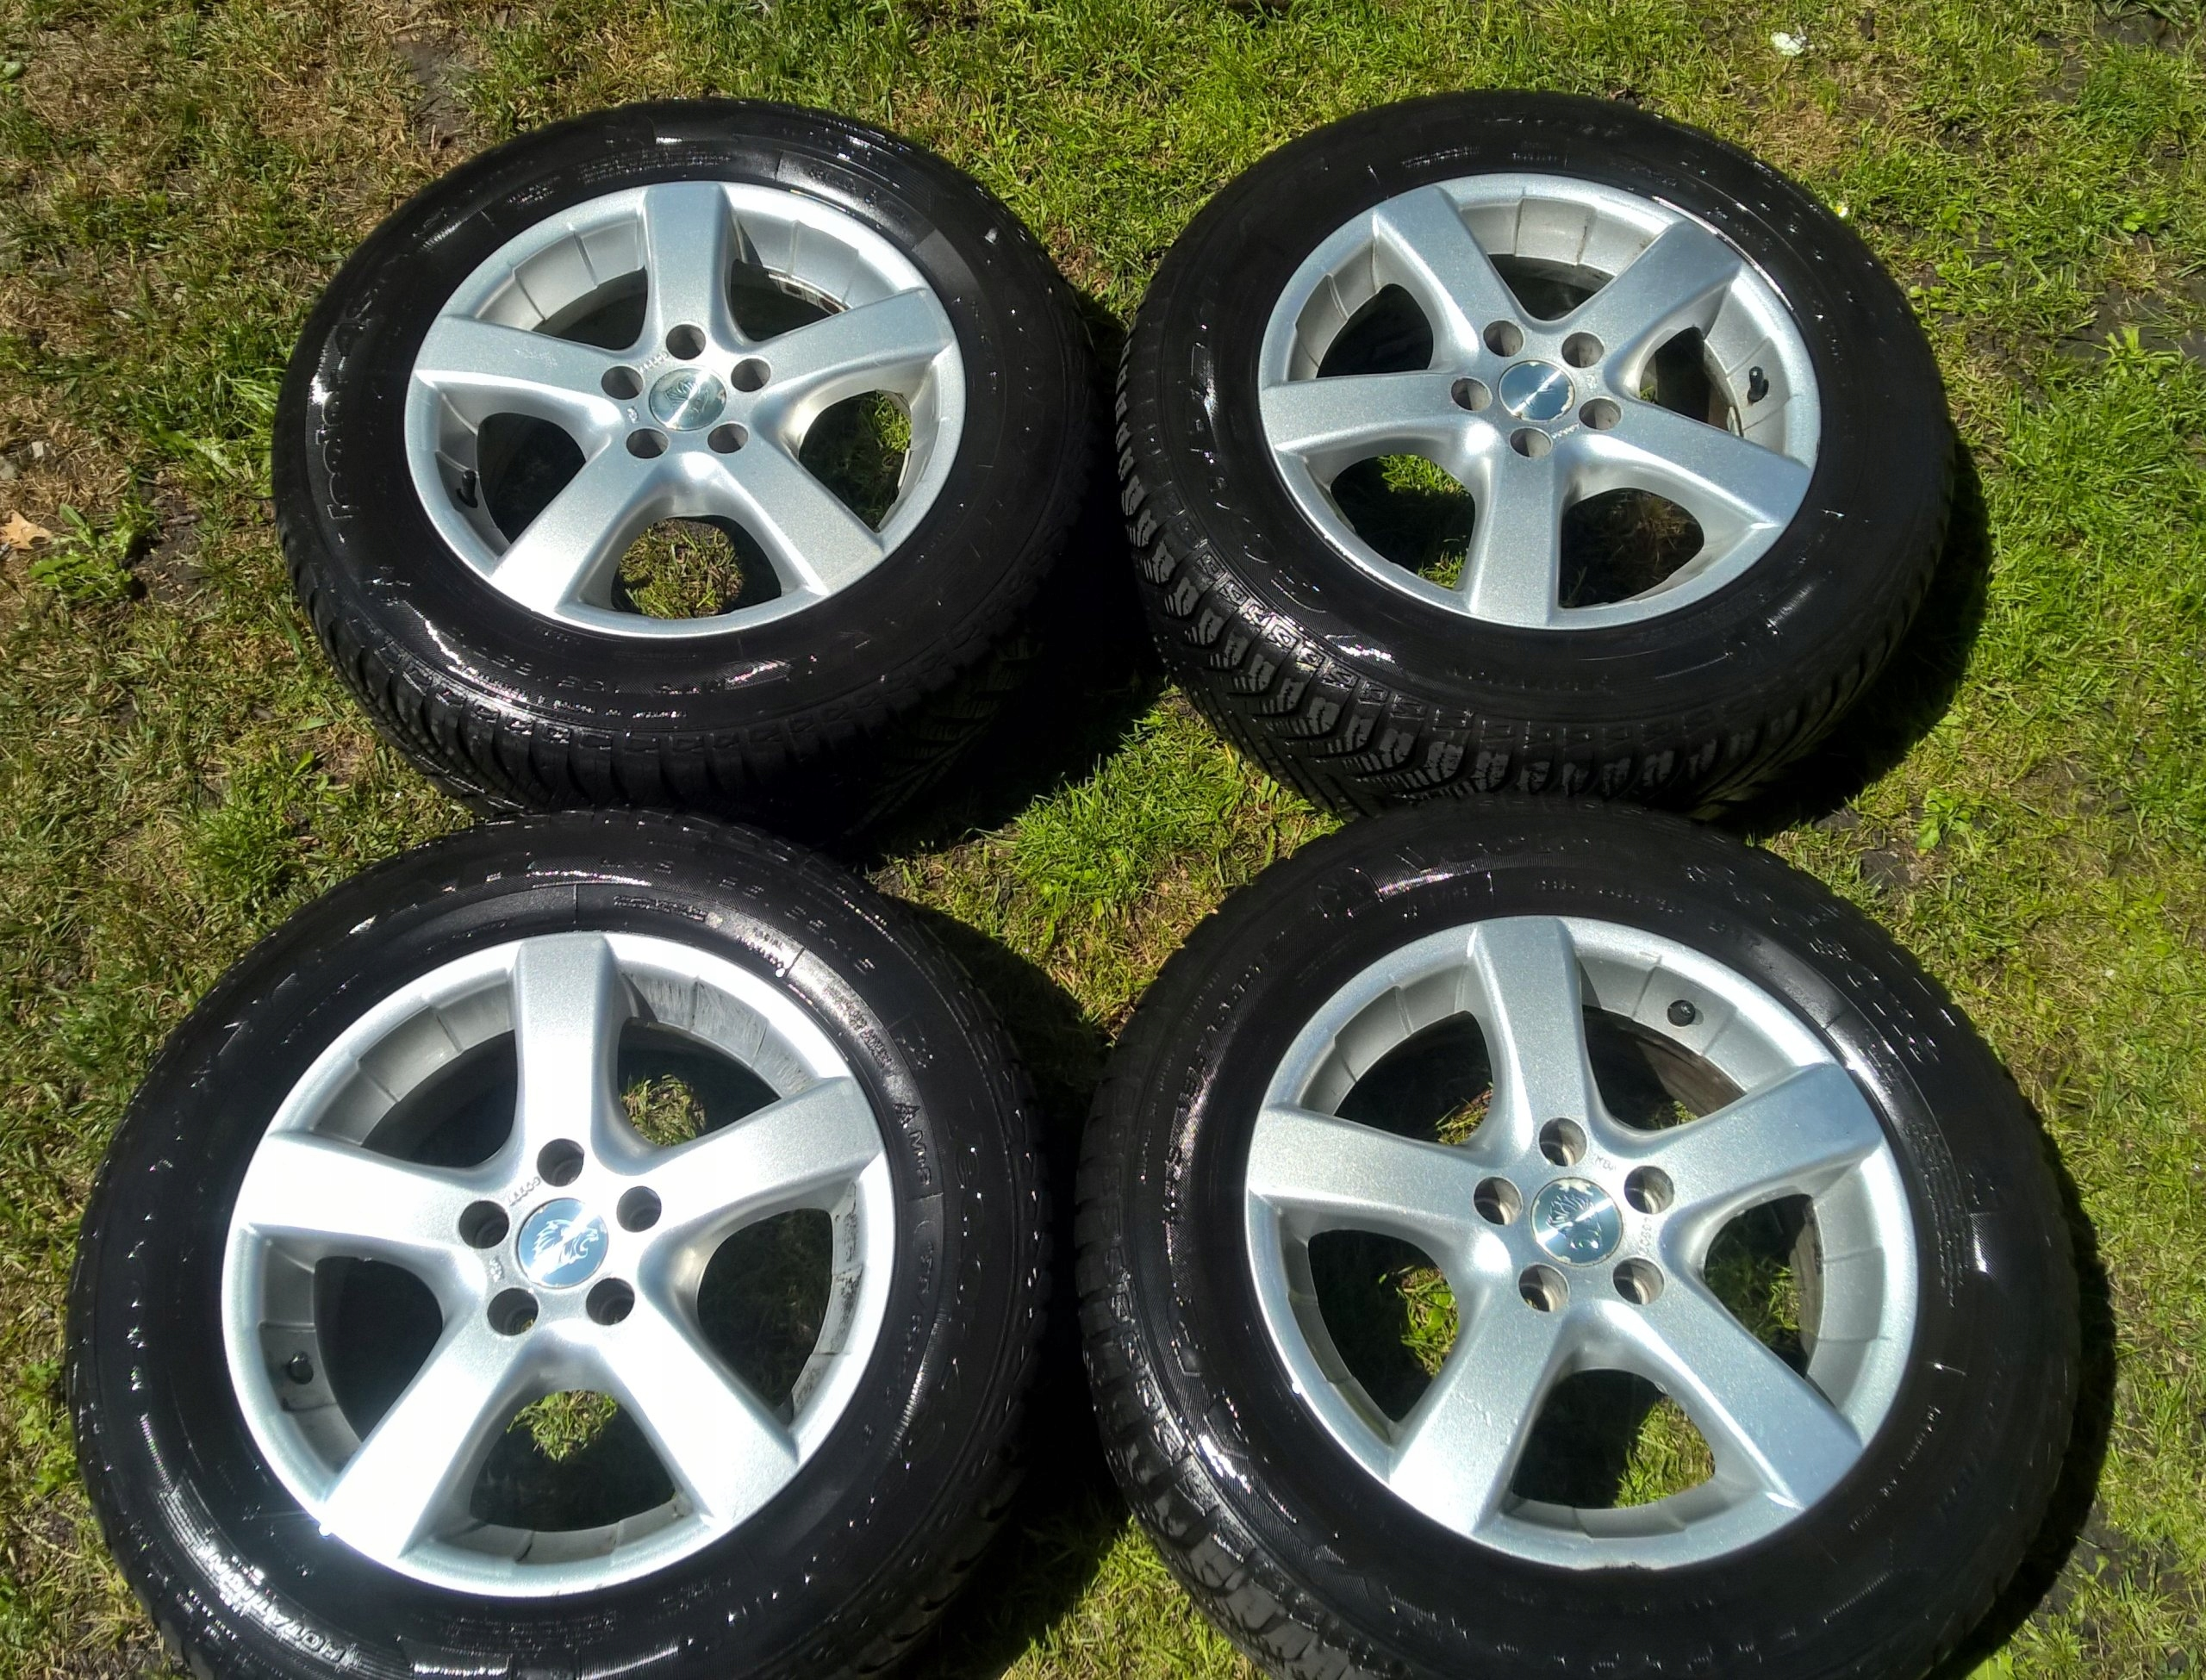 Felgi Aluminiowe Aluett Kba 46509 15 Cali 5x100 7388712252